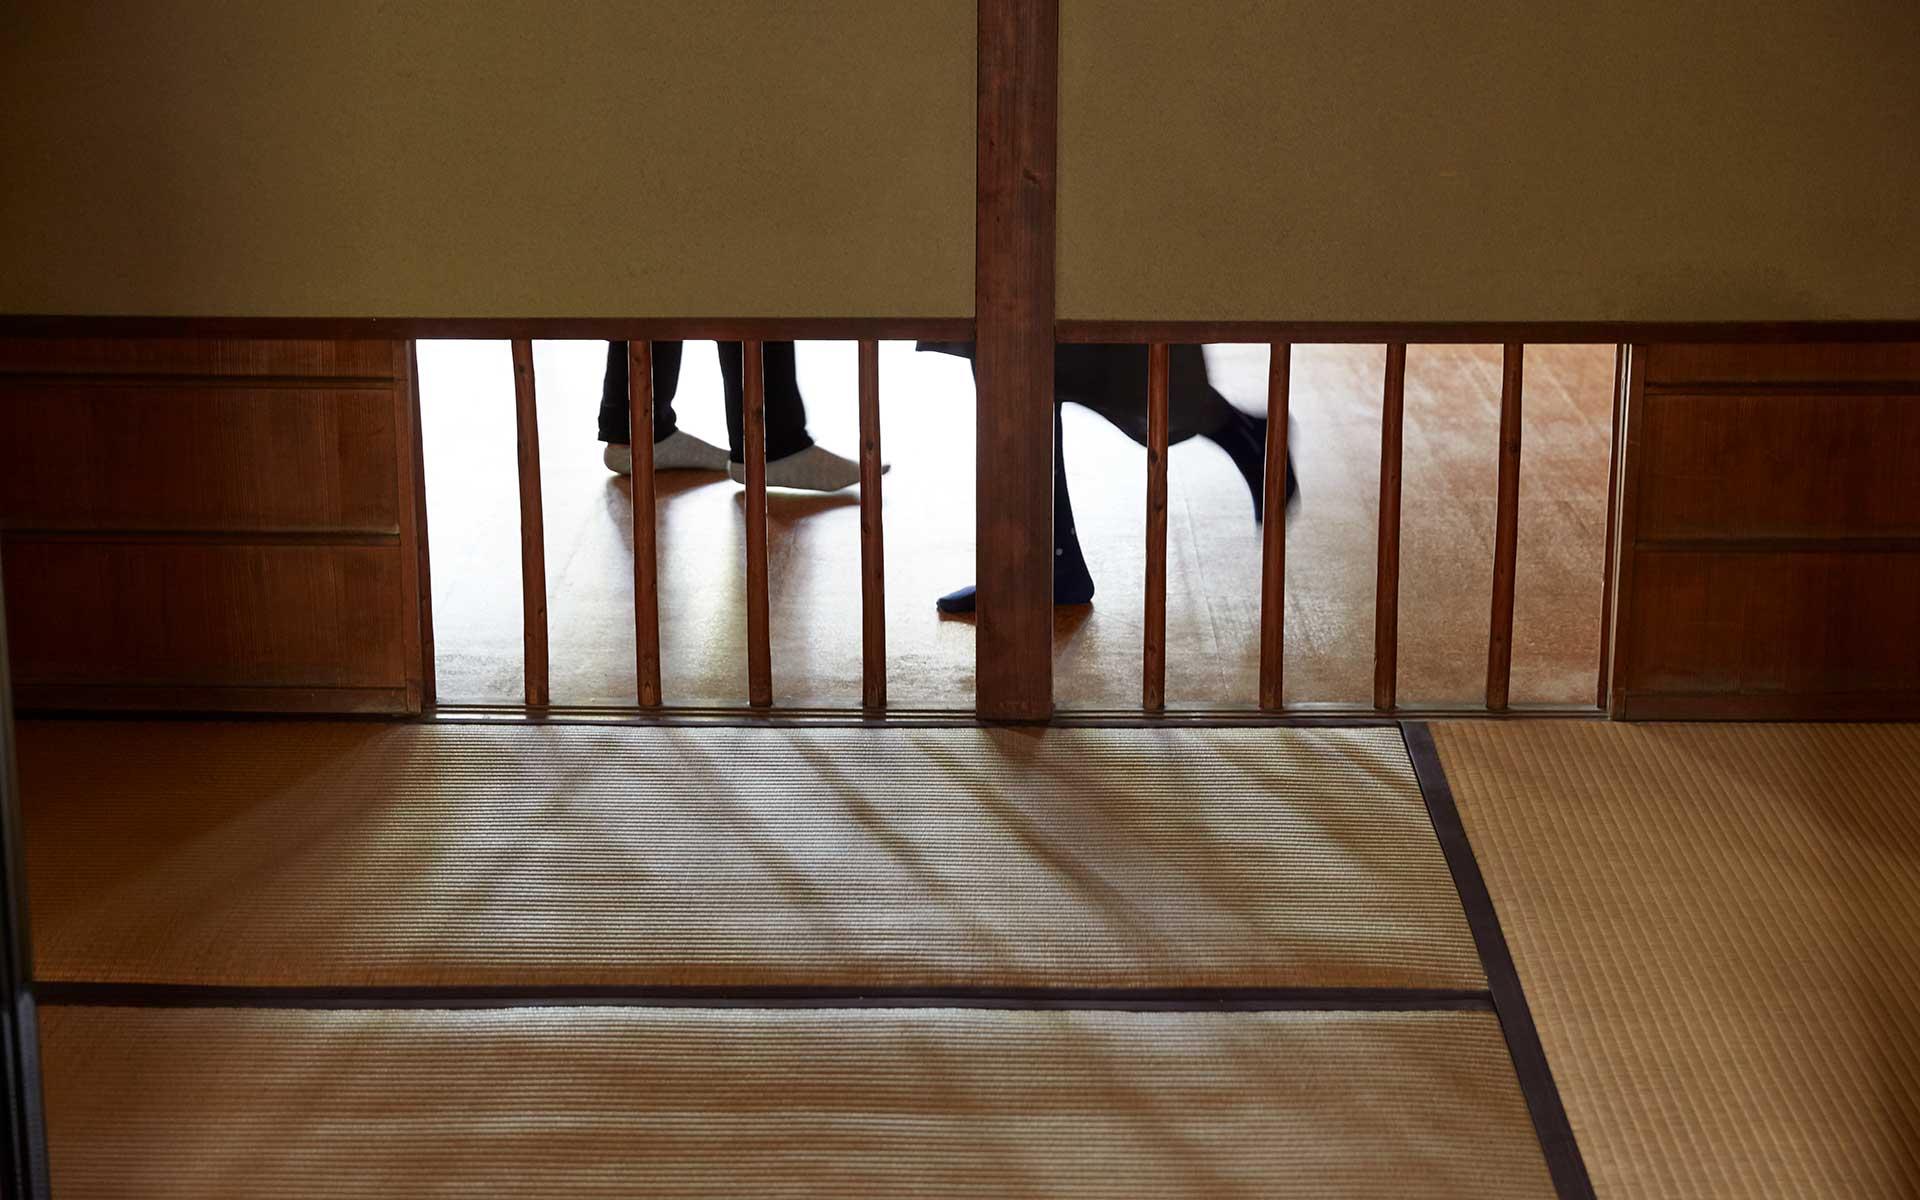 志賀の居室と子どもたちの勉強部屋は床窓で緩やかにつながる